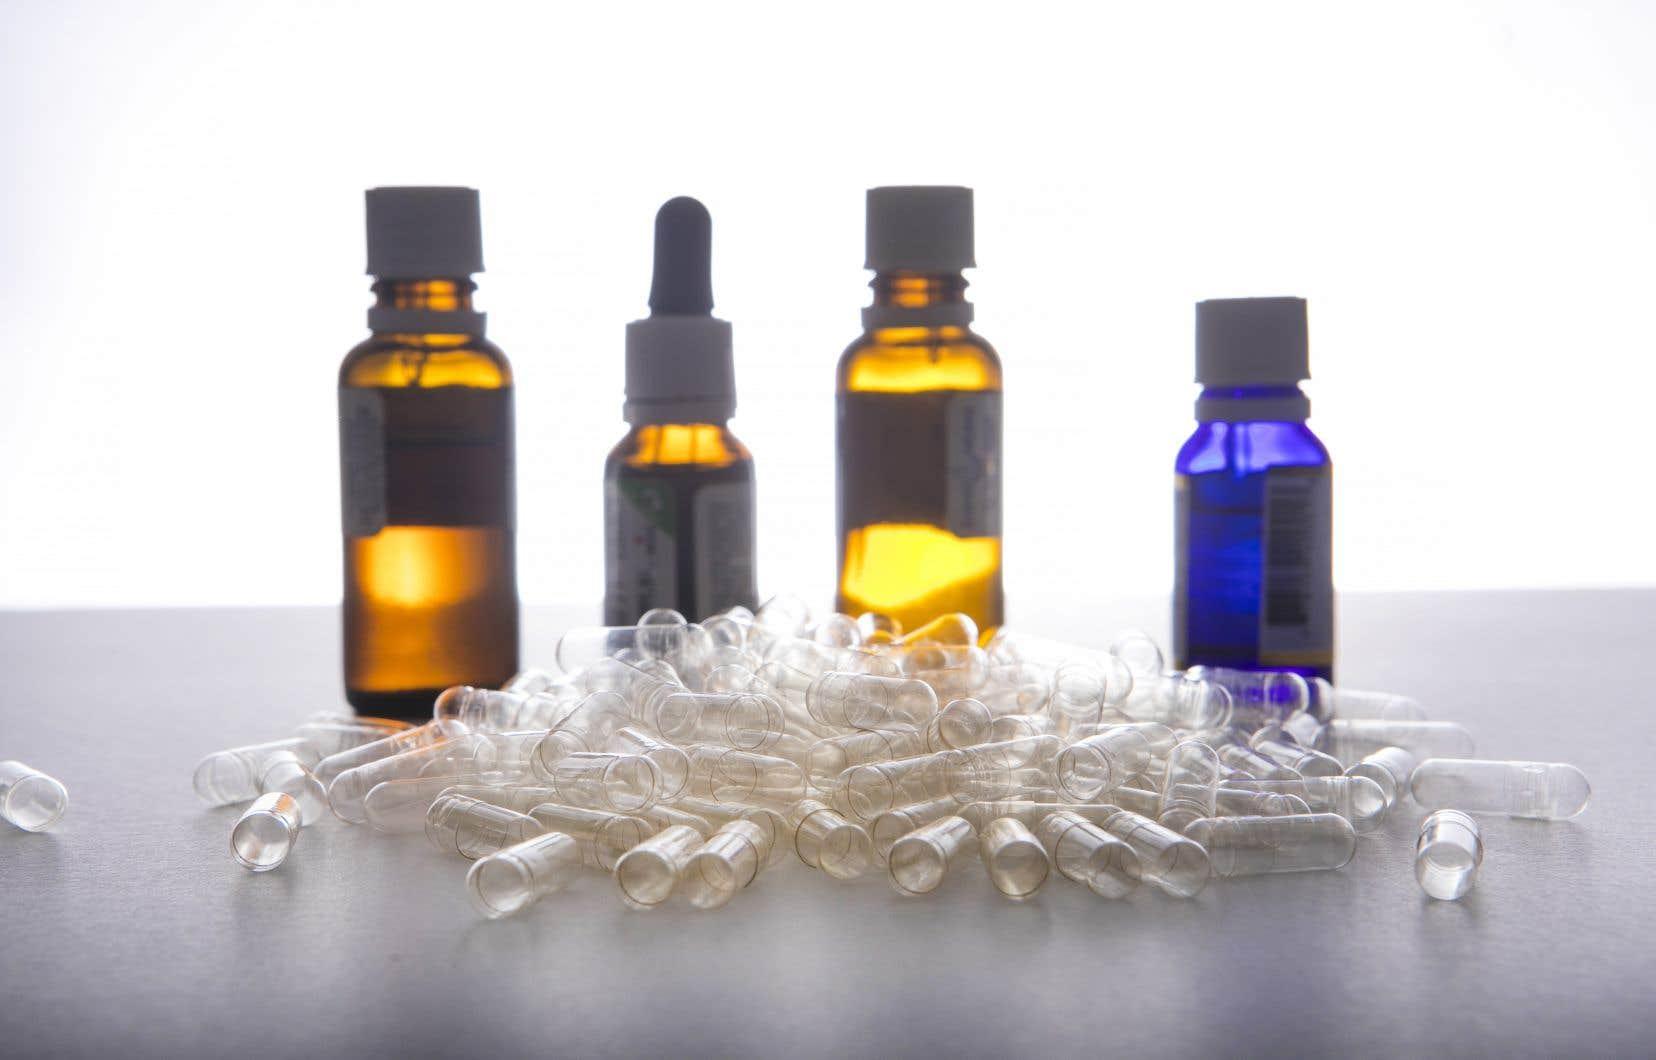 L'engouement pour certains produits naturels, dont les huiles essentielles, est bien réel.